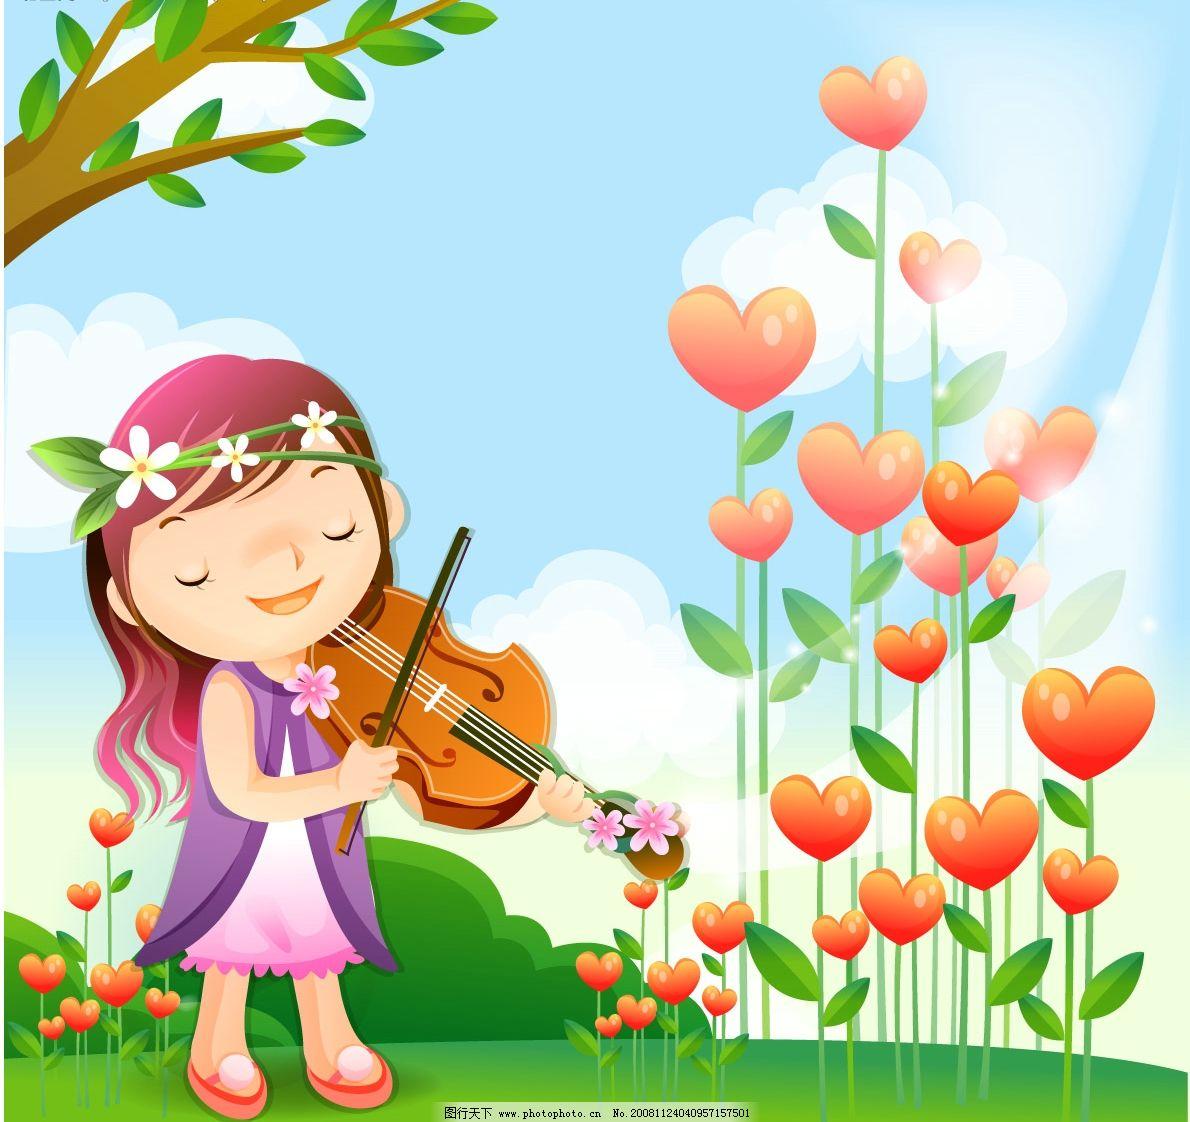 小mm 小提琴 心形草 大树 草地 蓝天白云 矢量人物 儿童幼儿 矢量图库